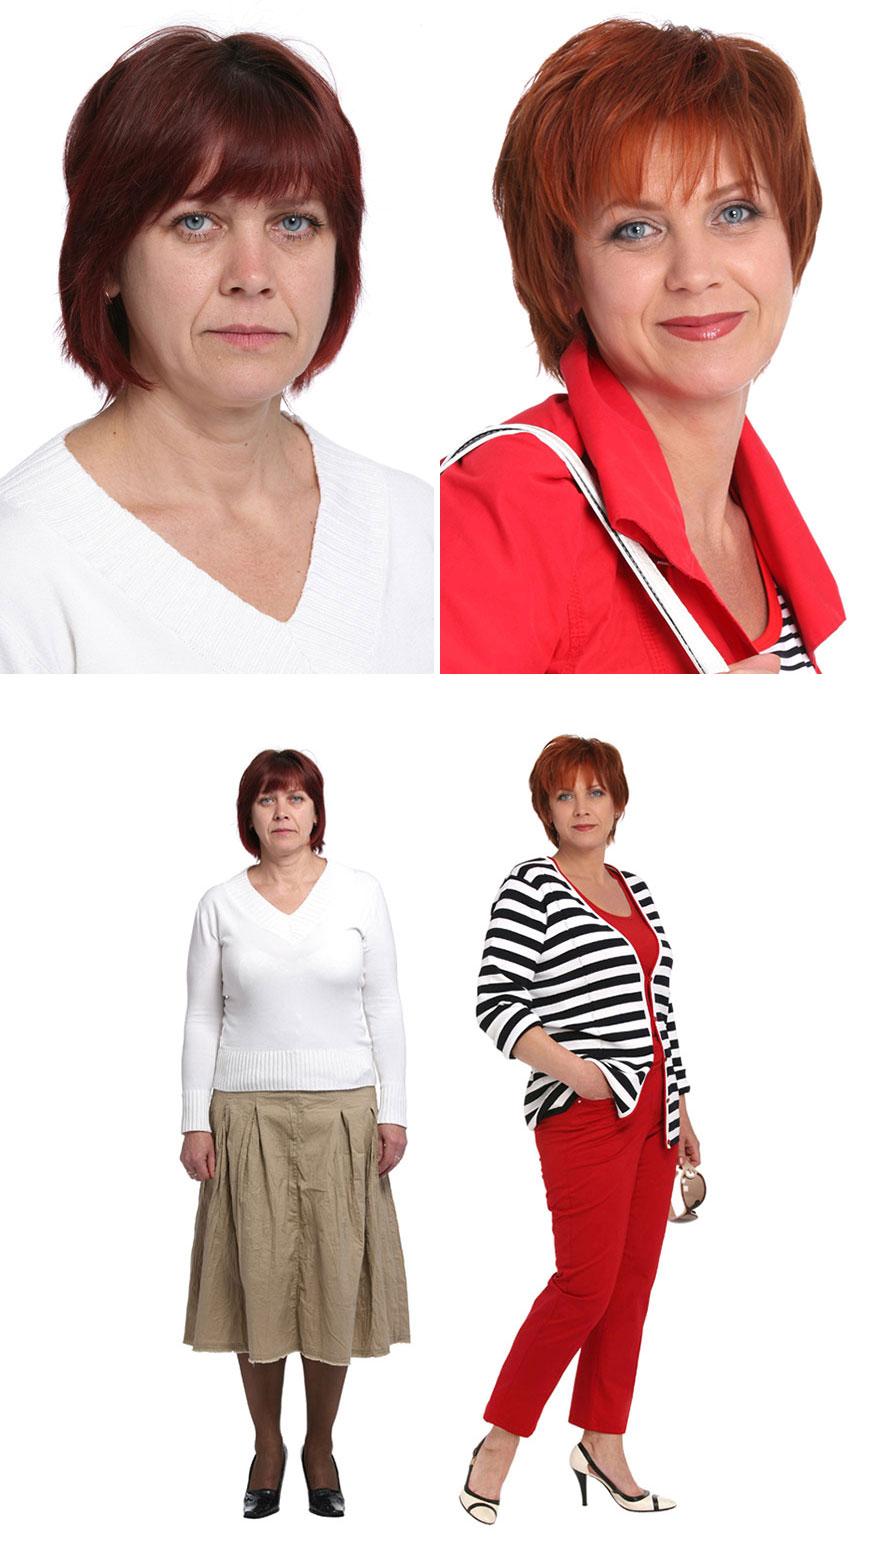 fotos-antes-despues-mujeres-cambio-estilo-bogomolov-6